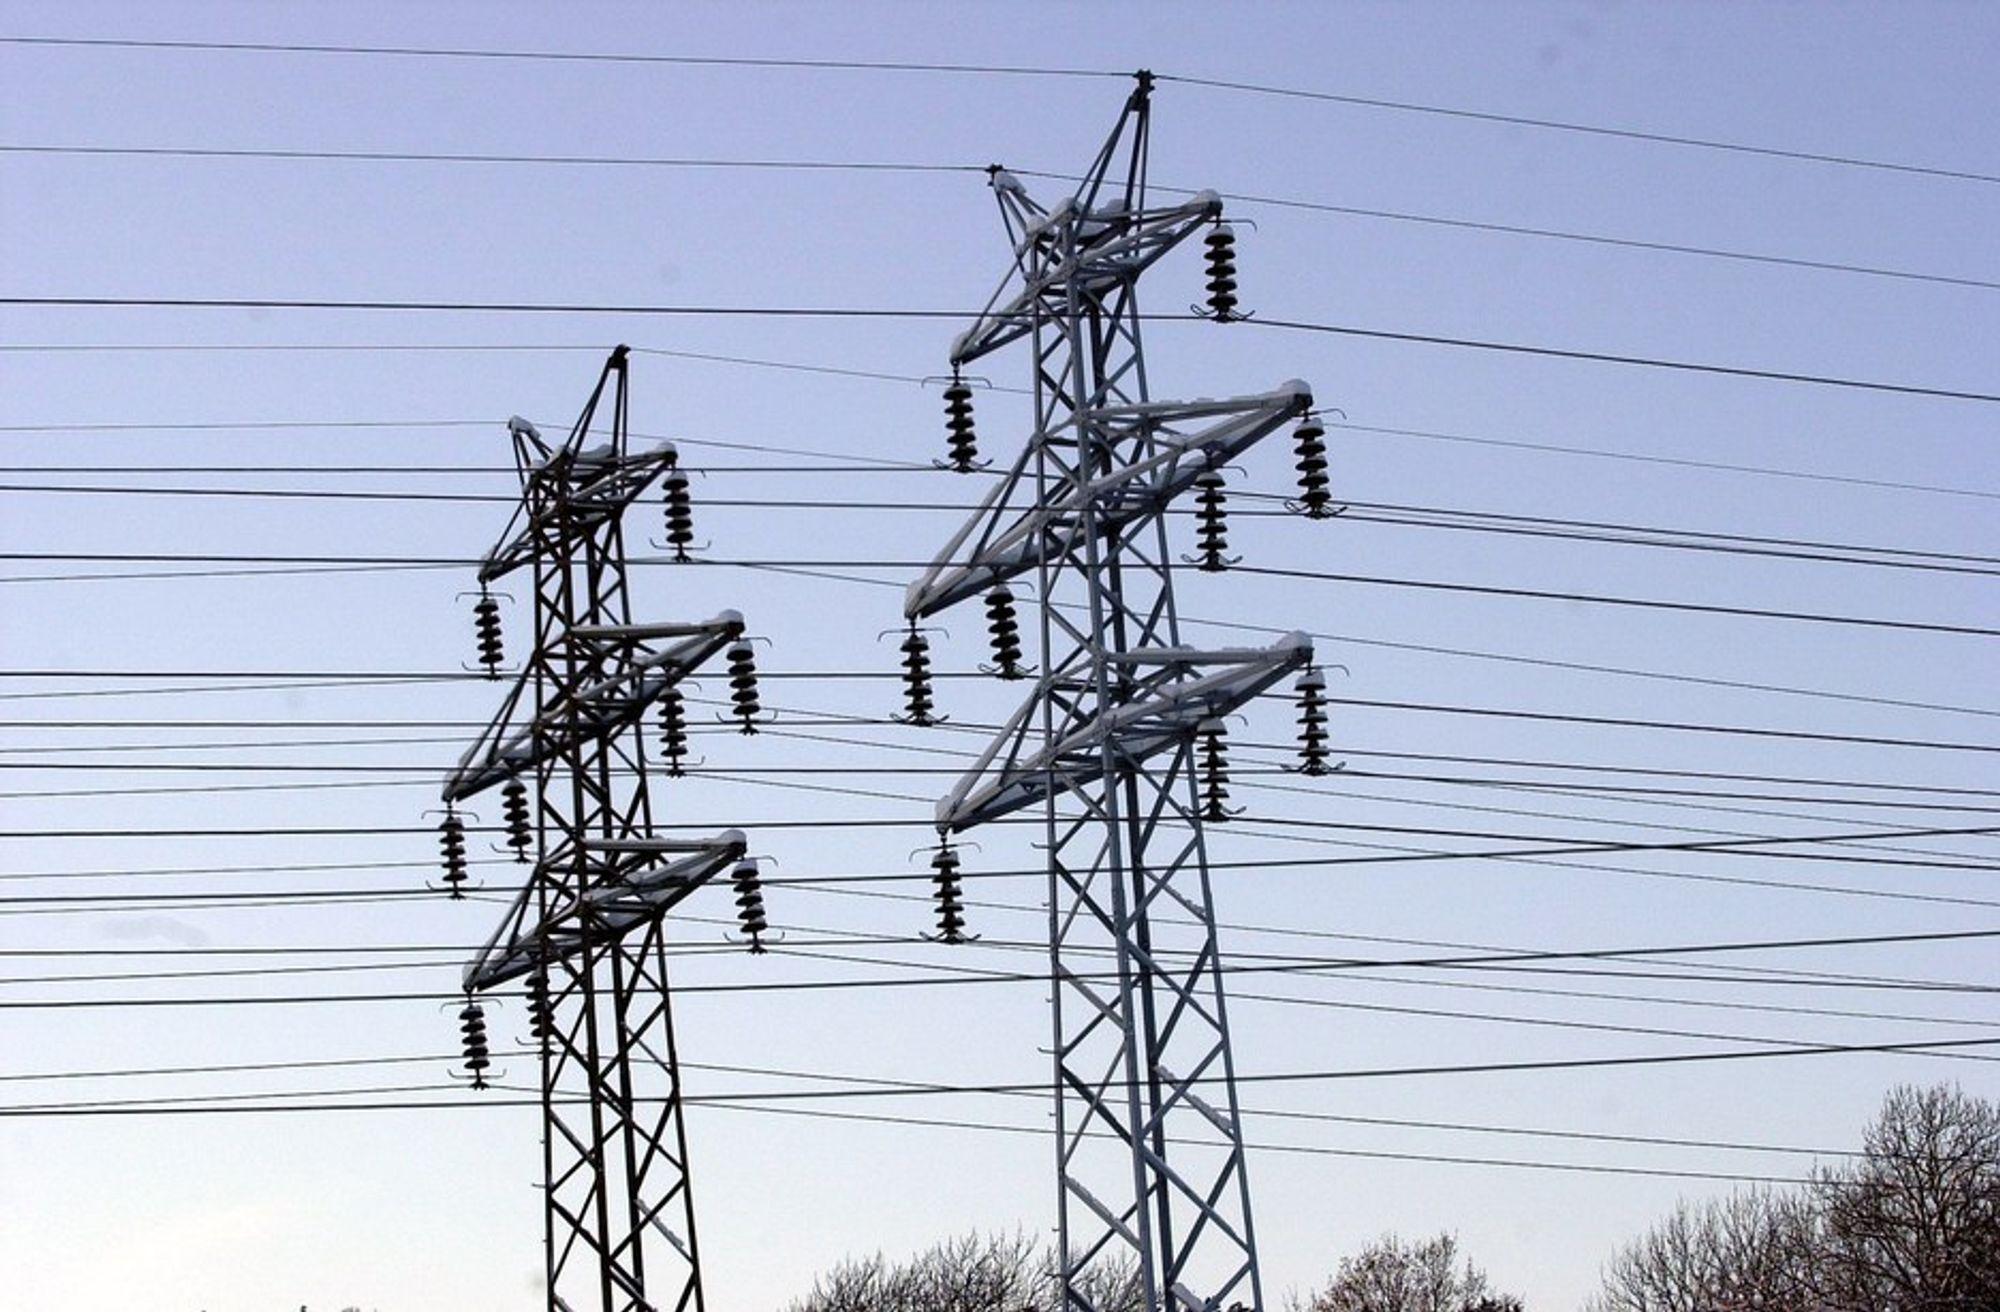 KOSTER: Ekstrem kulde, enormt forbruk og økt import av strøm gir høye priser per kWh, noe industrien får merke.